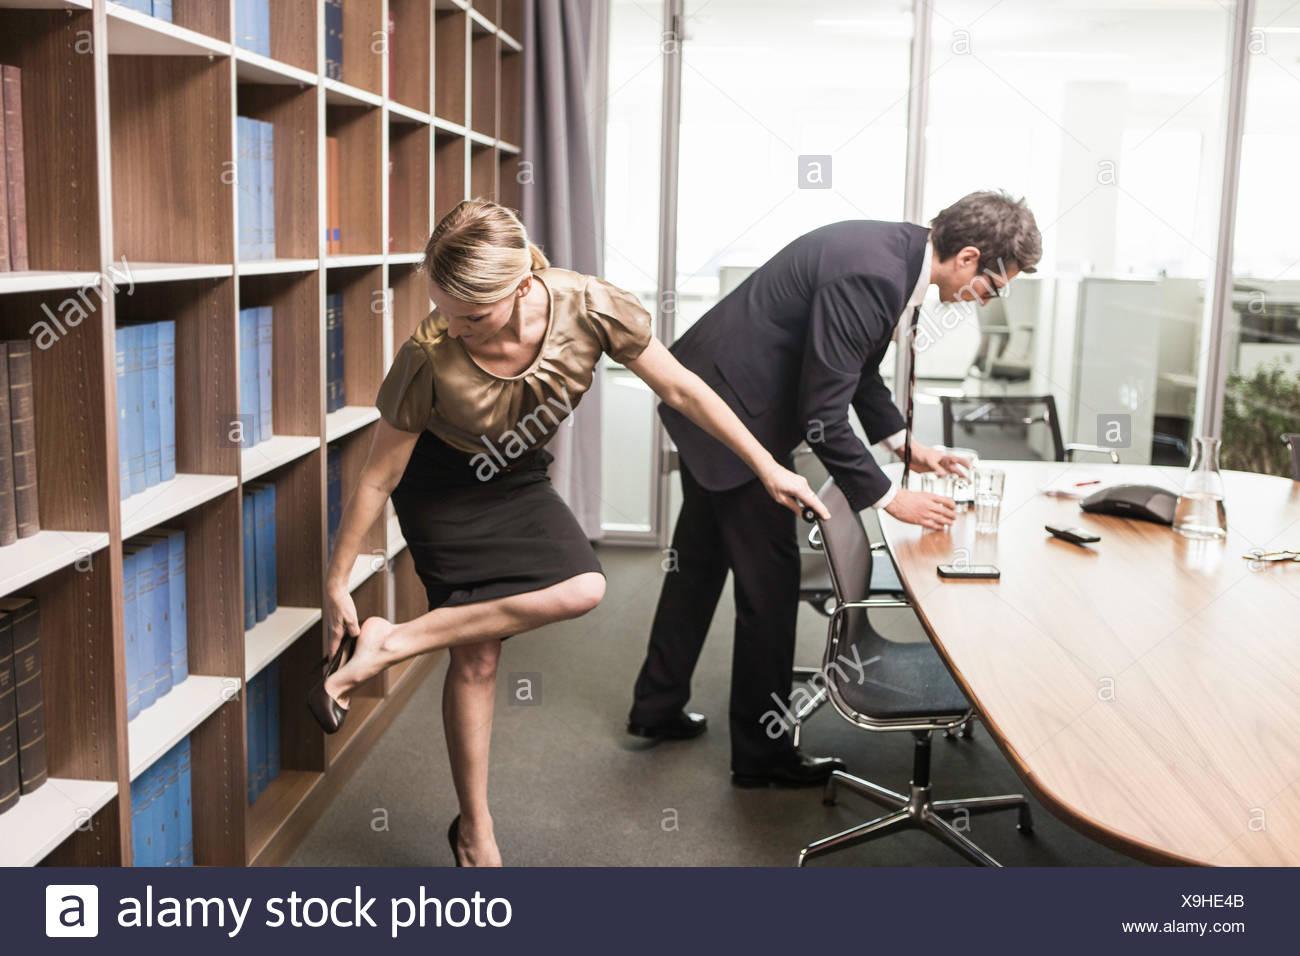 Woman putting on shoe et l'homme penché sur le tableau Photo Stock